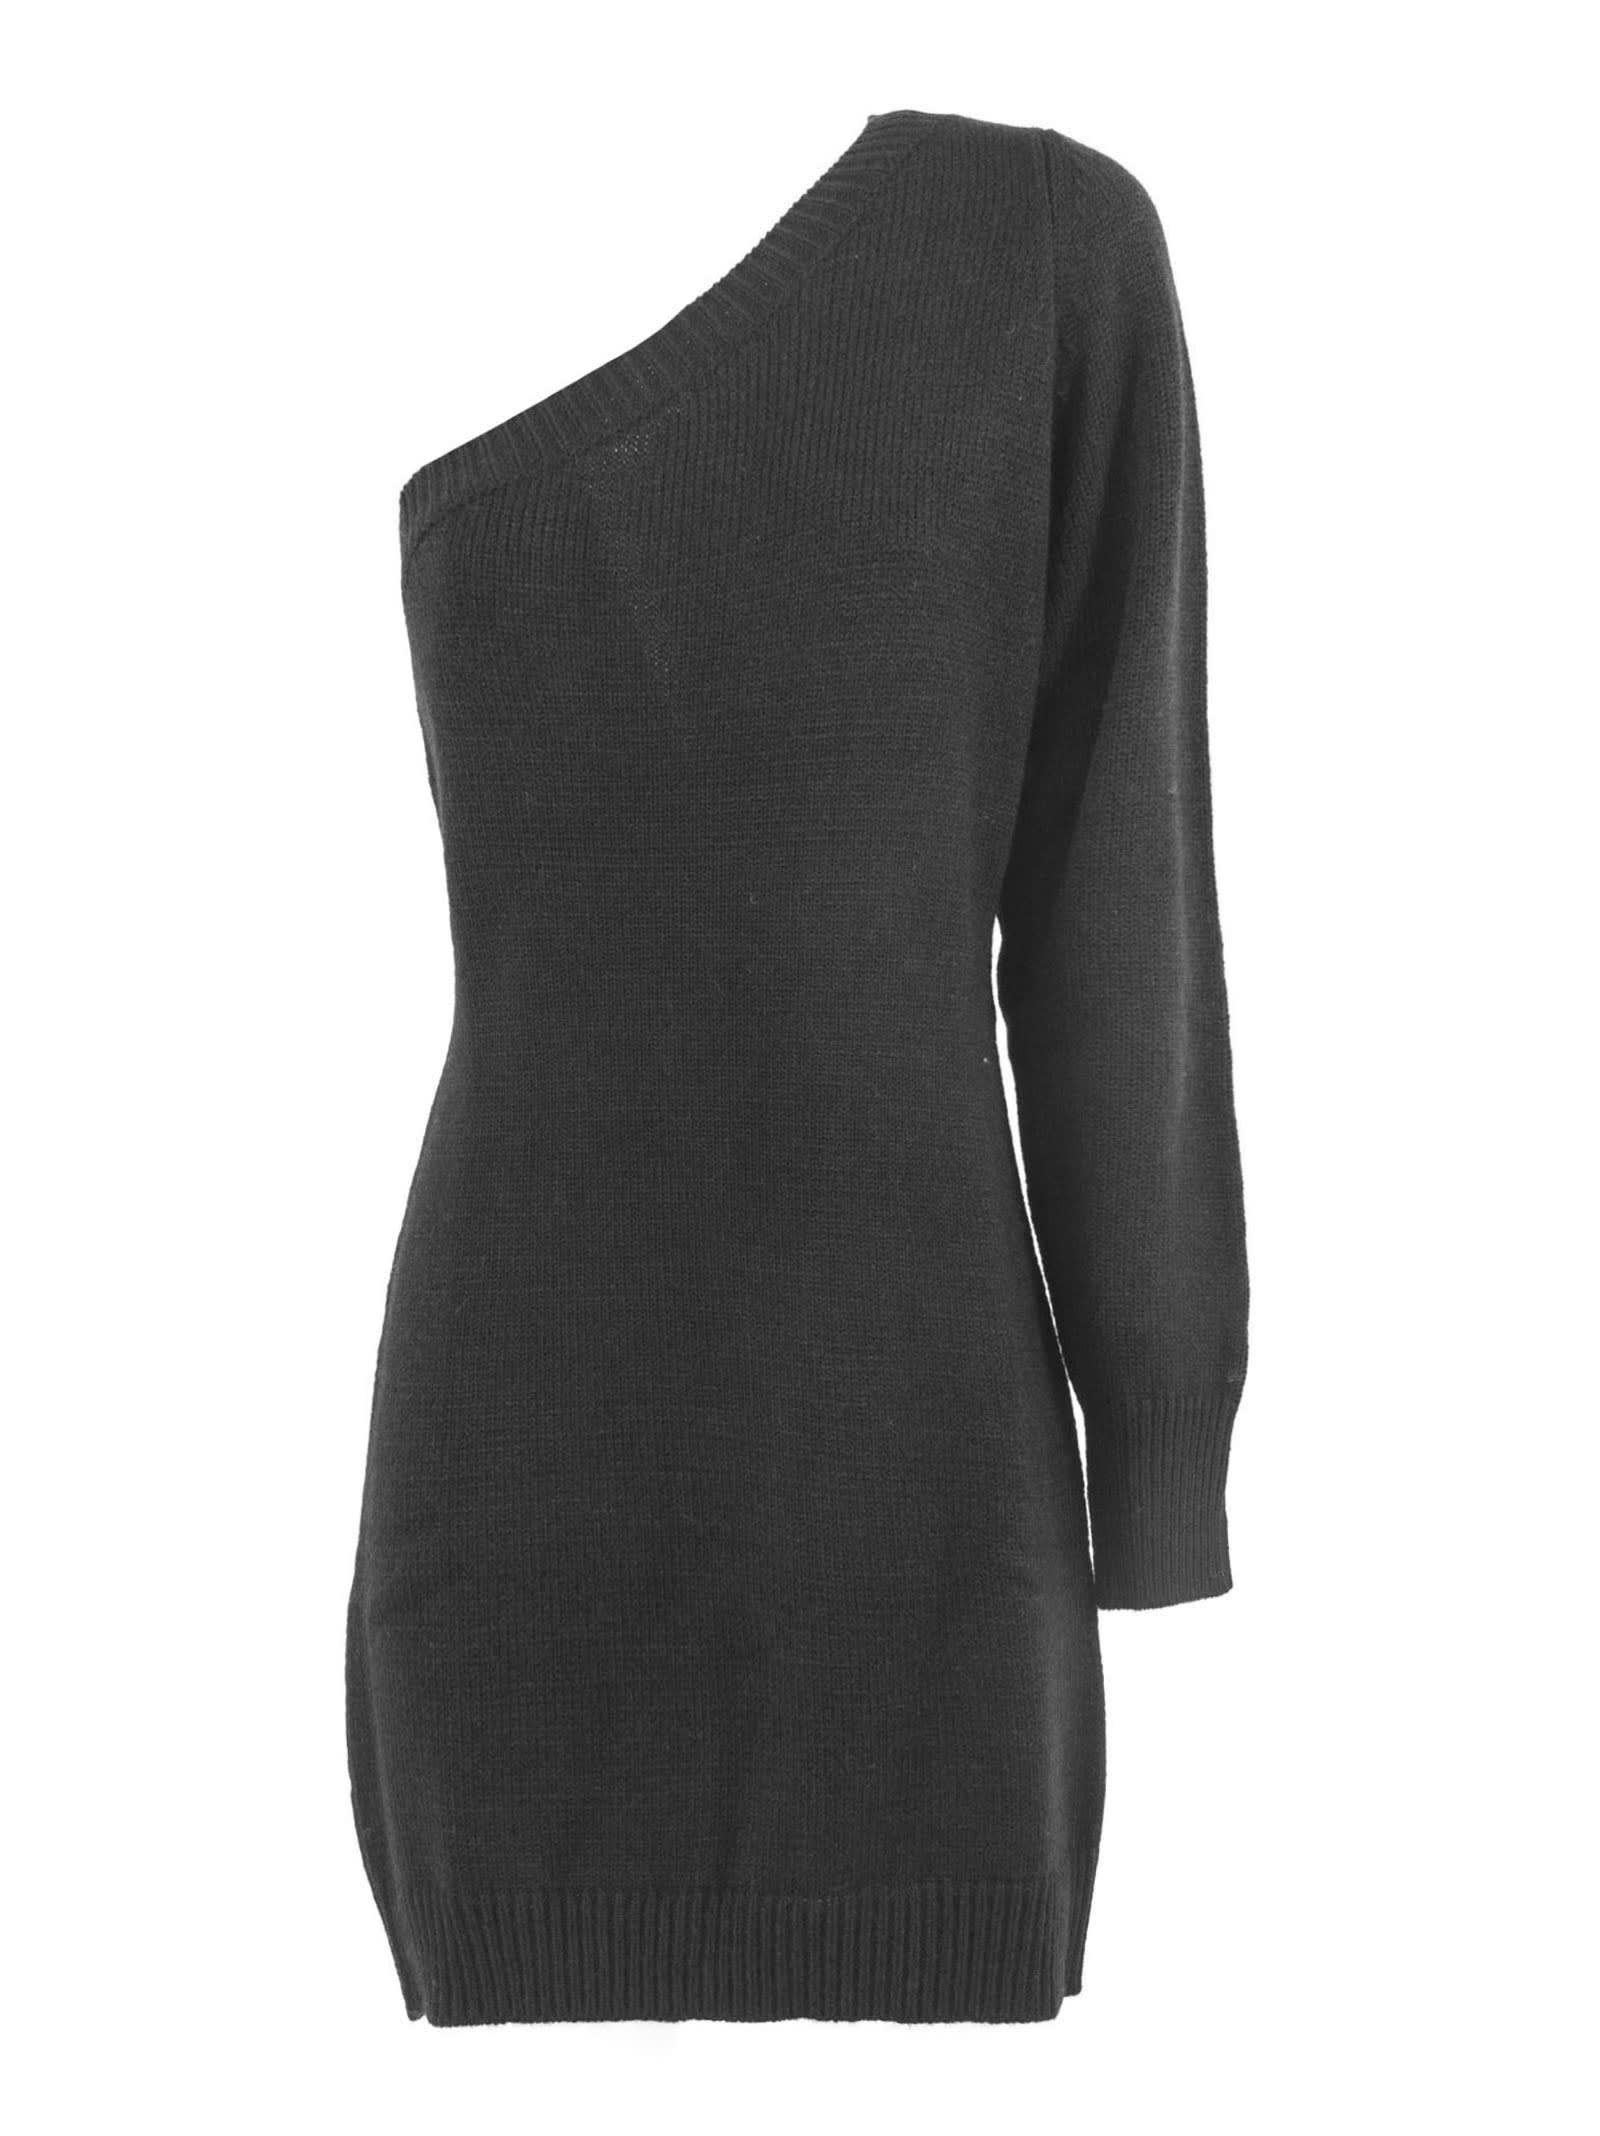 Federica Tosi Black Wool And Alpaca Blend Dress